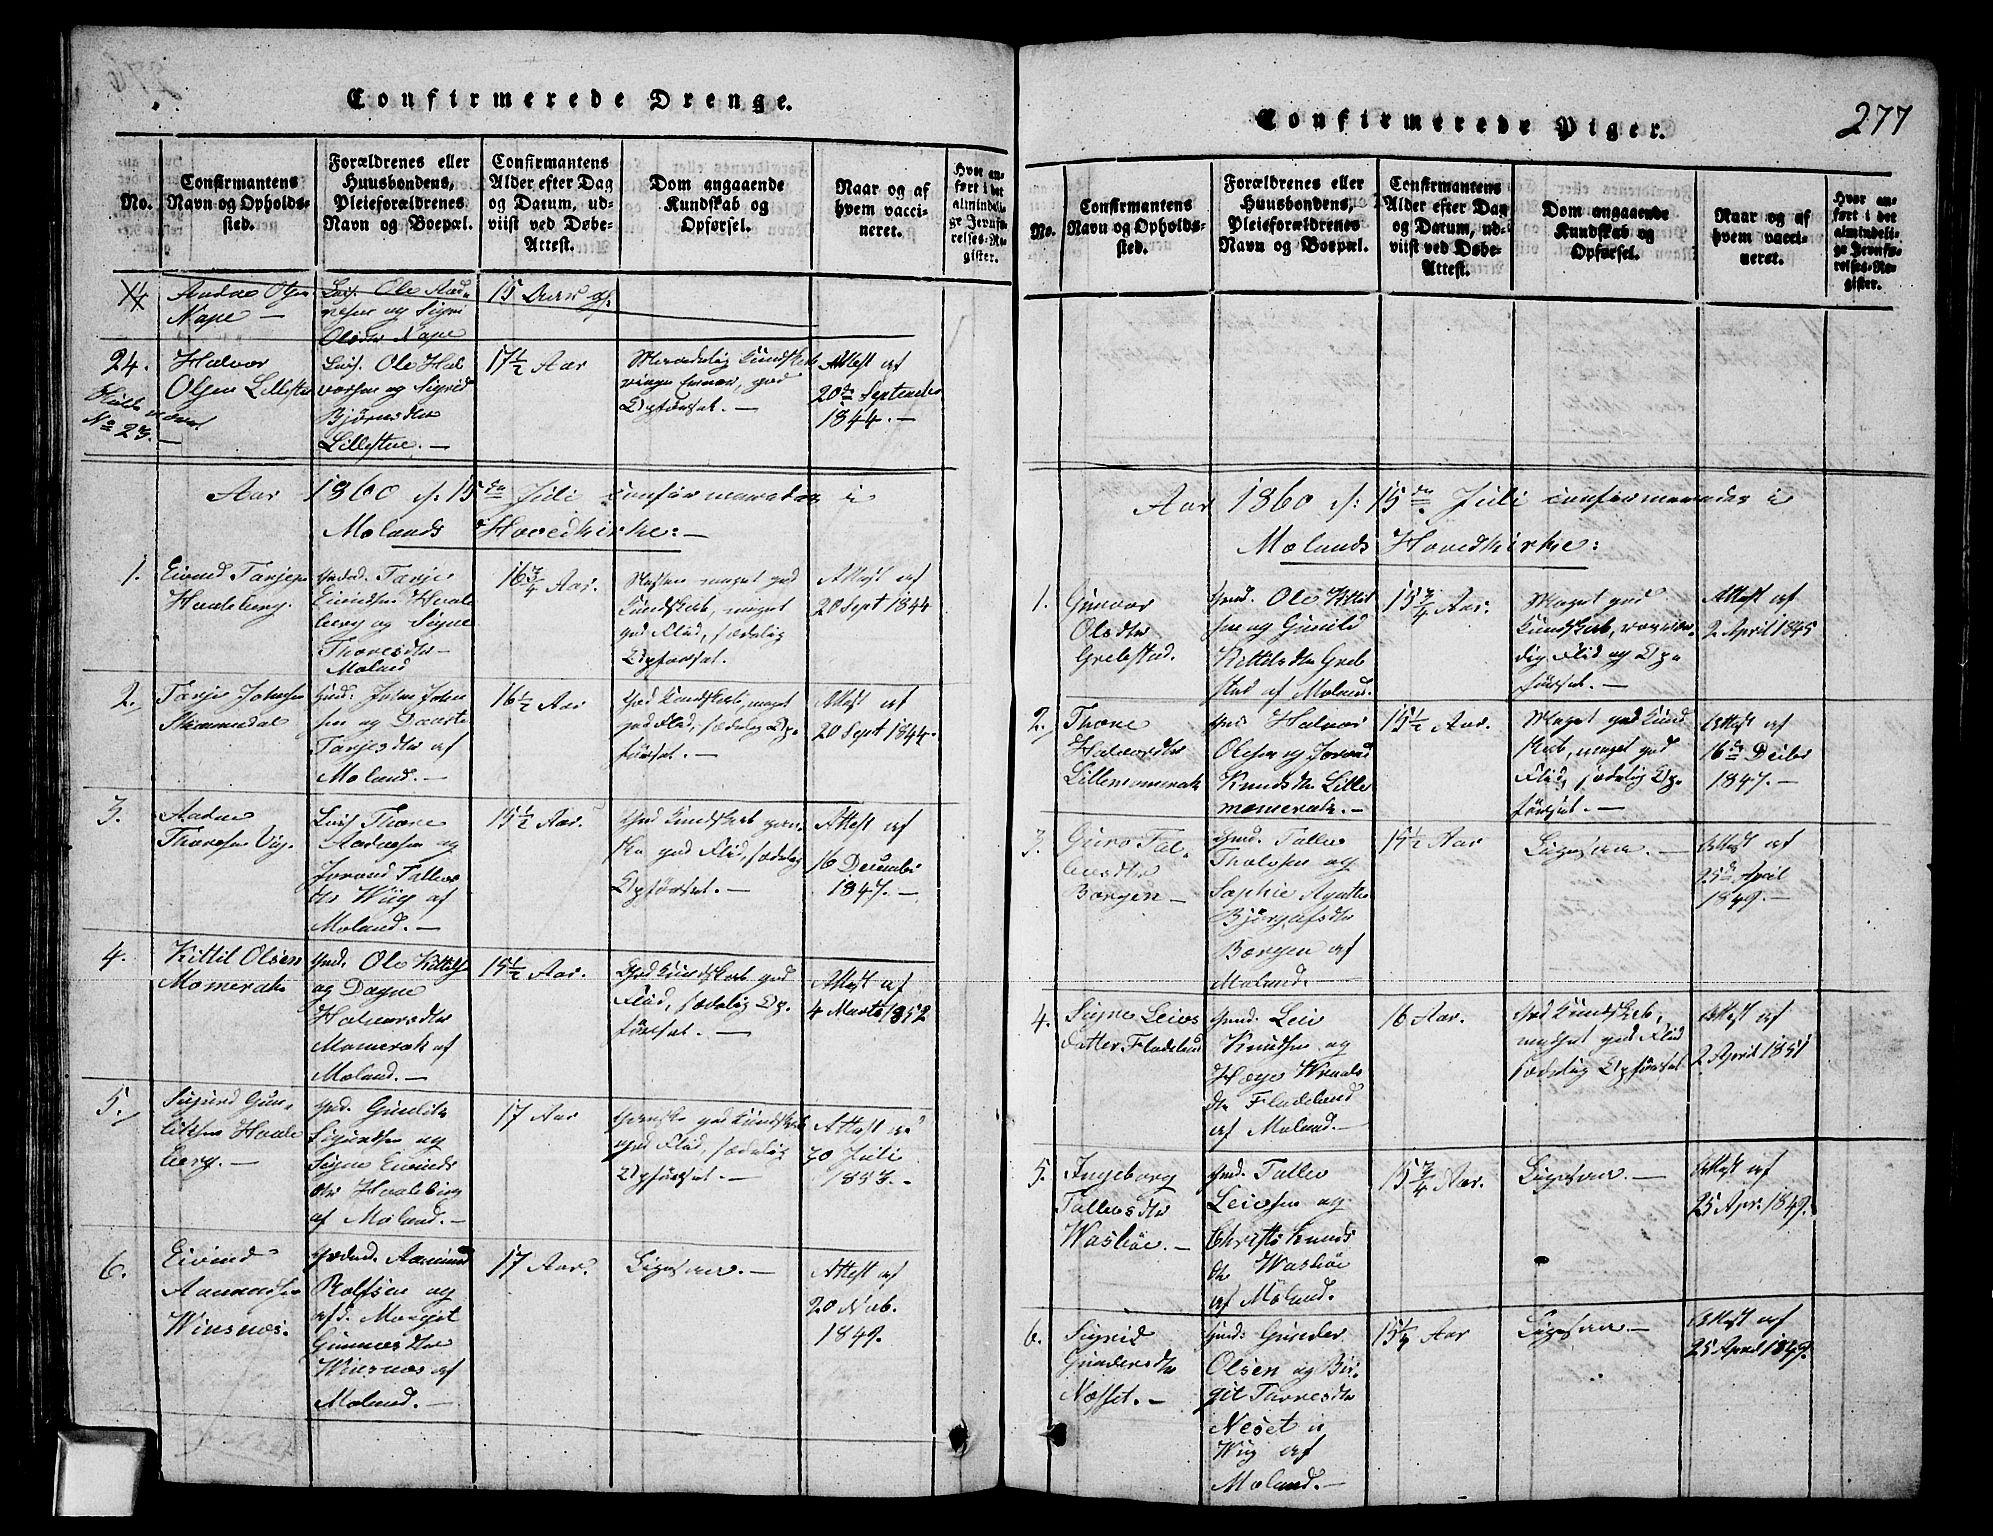 SAKO, Fyresdal kirkebøker, G/Ga/L0003: Klokkerbok nr. I 3, 1815-1863, s. 277